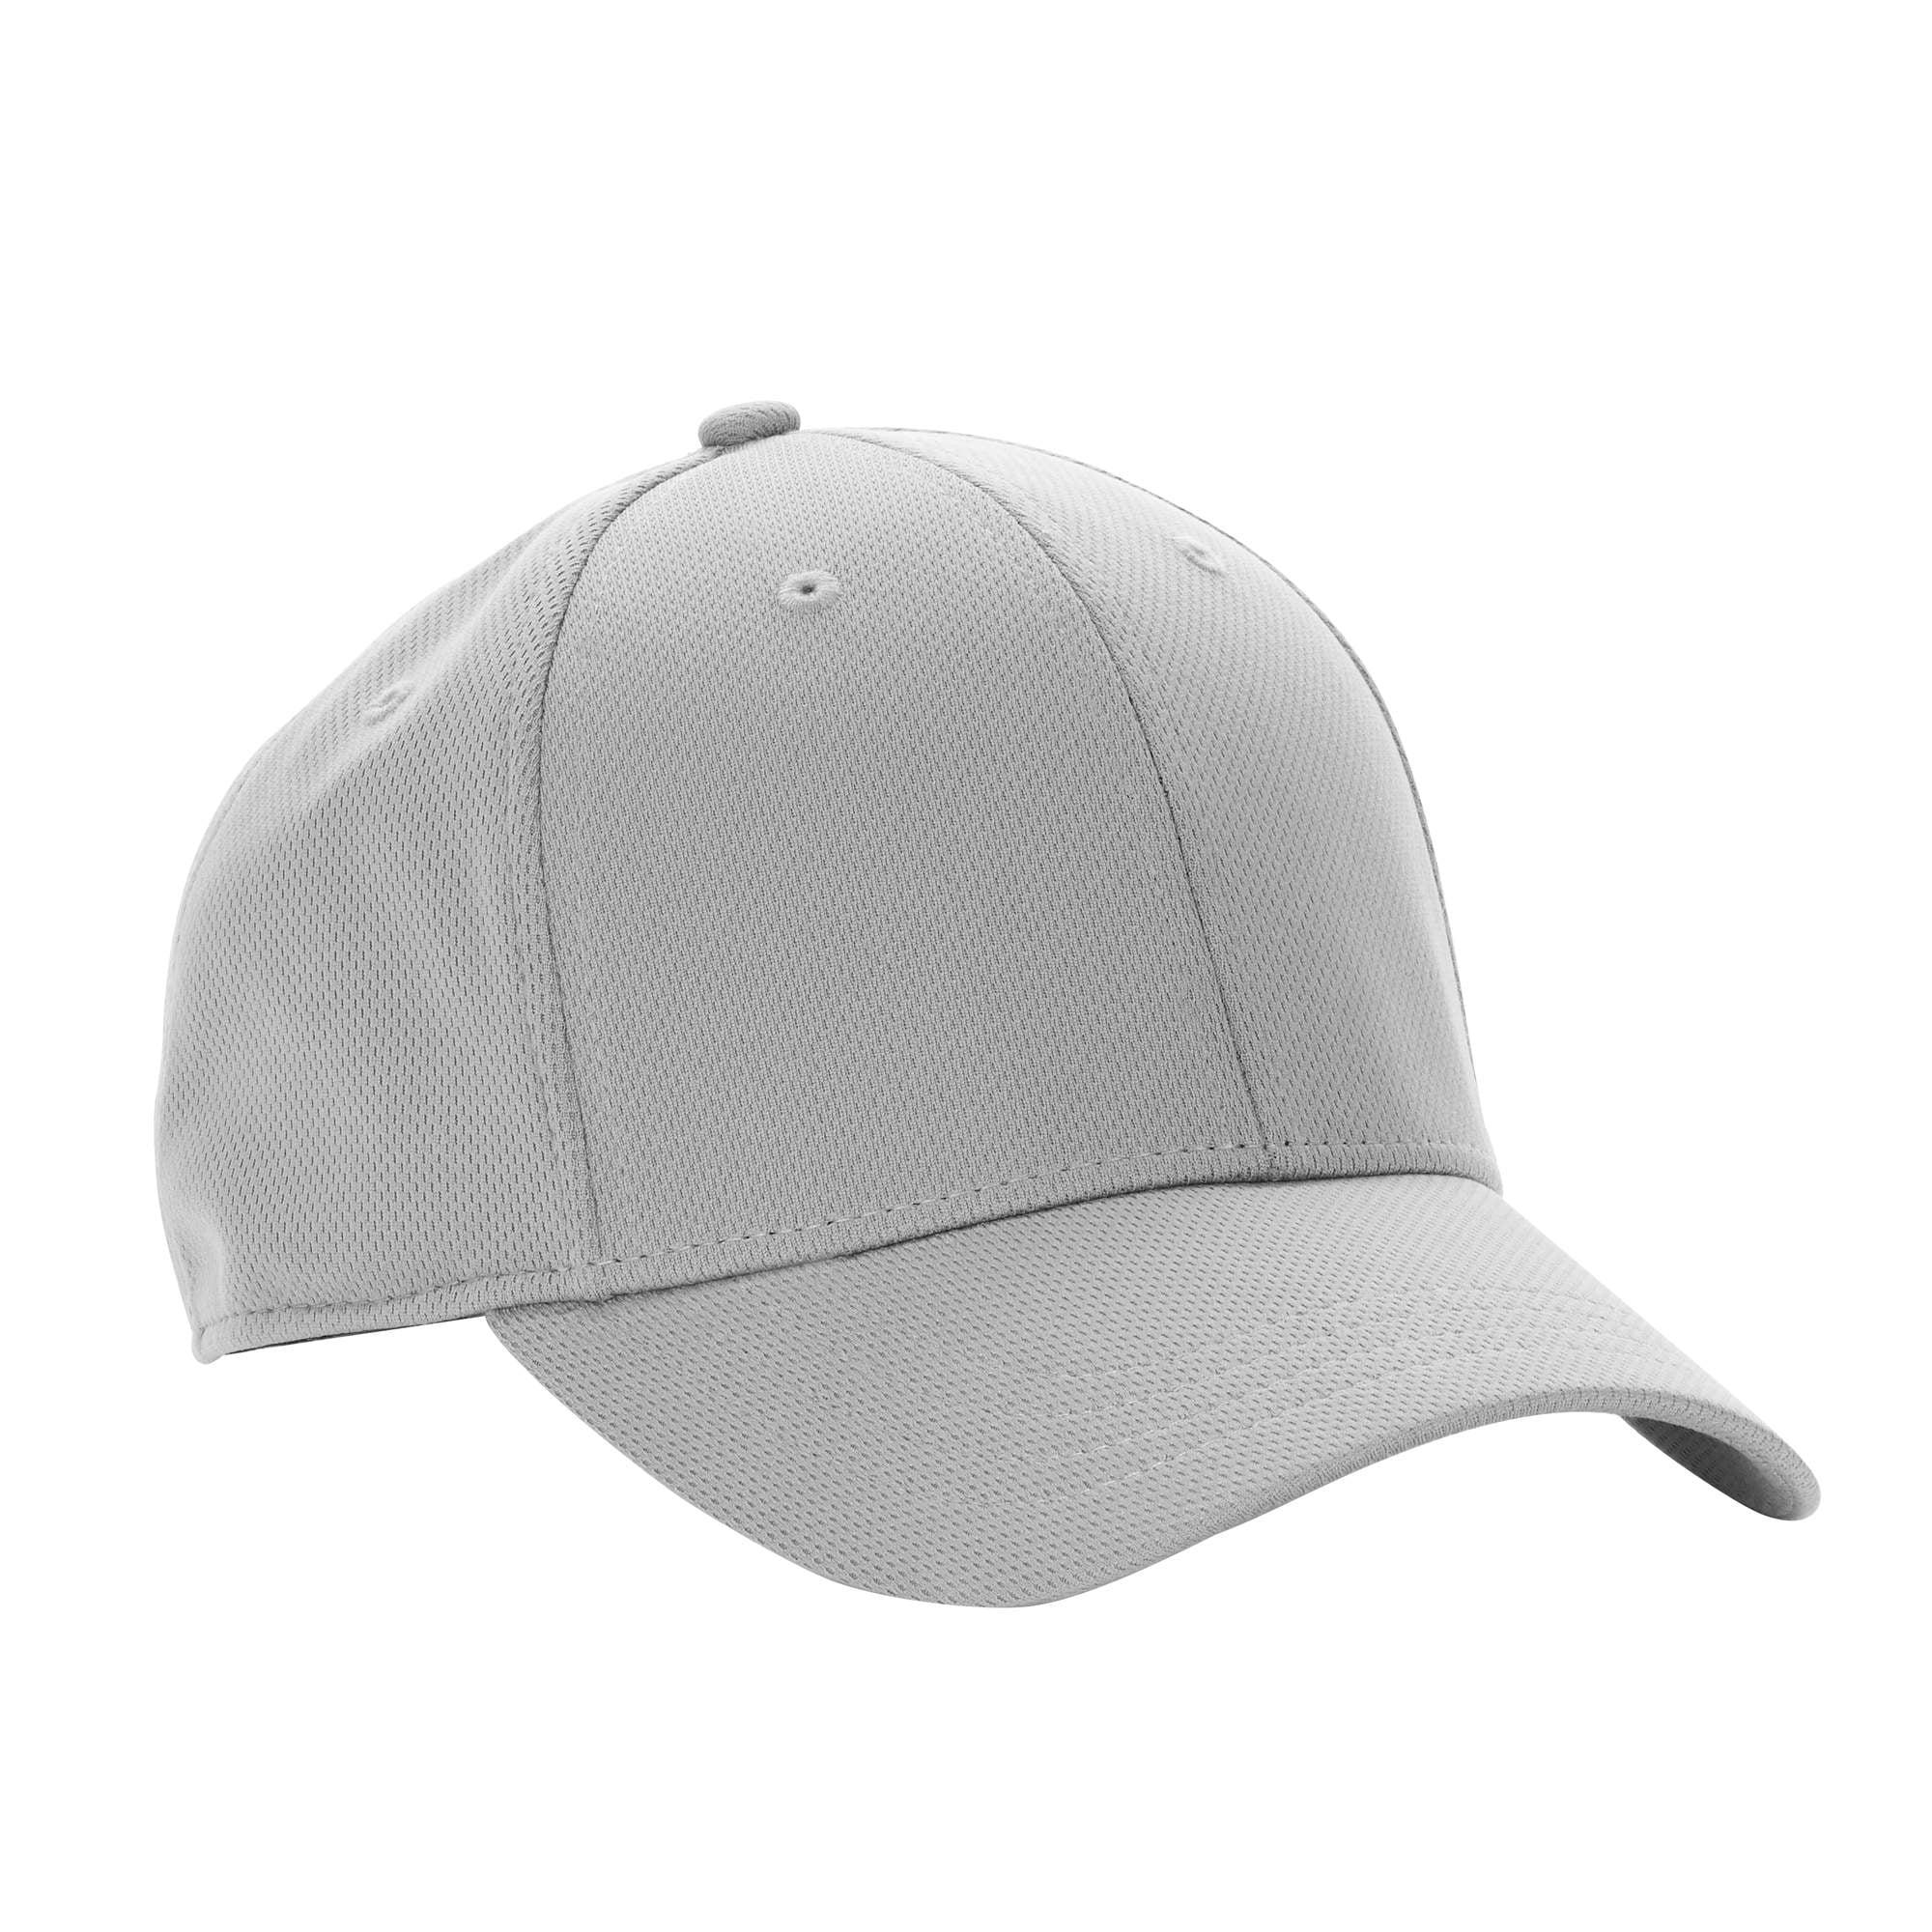 Athletic Works Men's Solid Baseball Hat